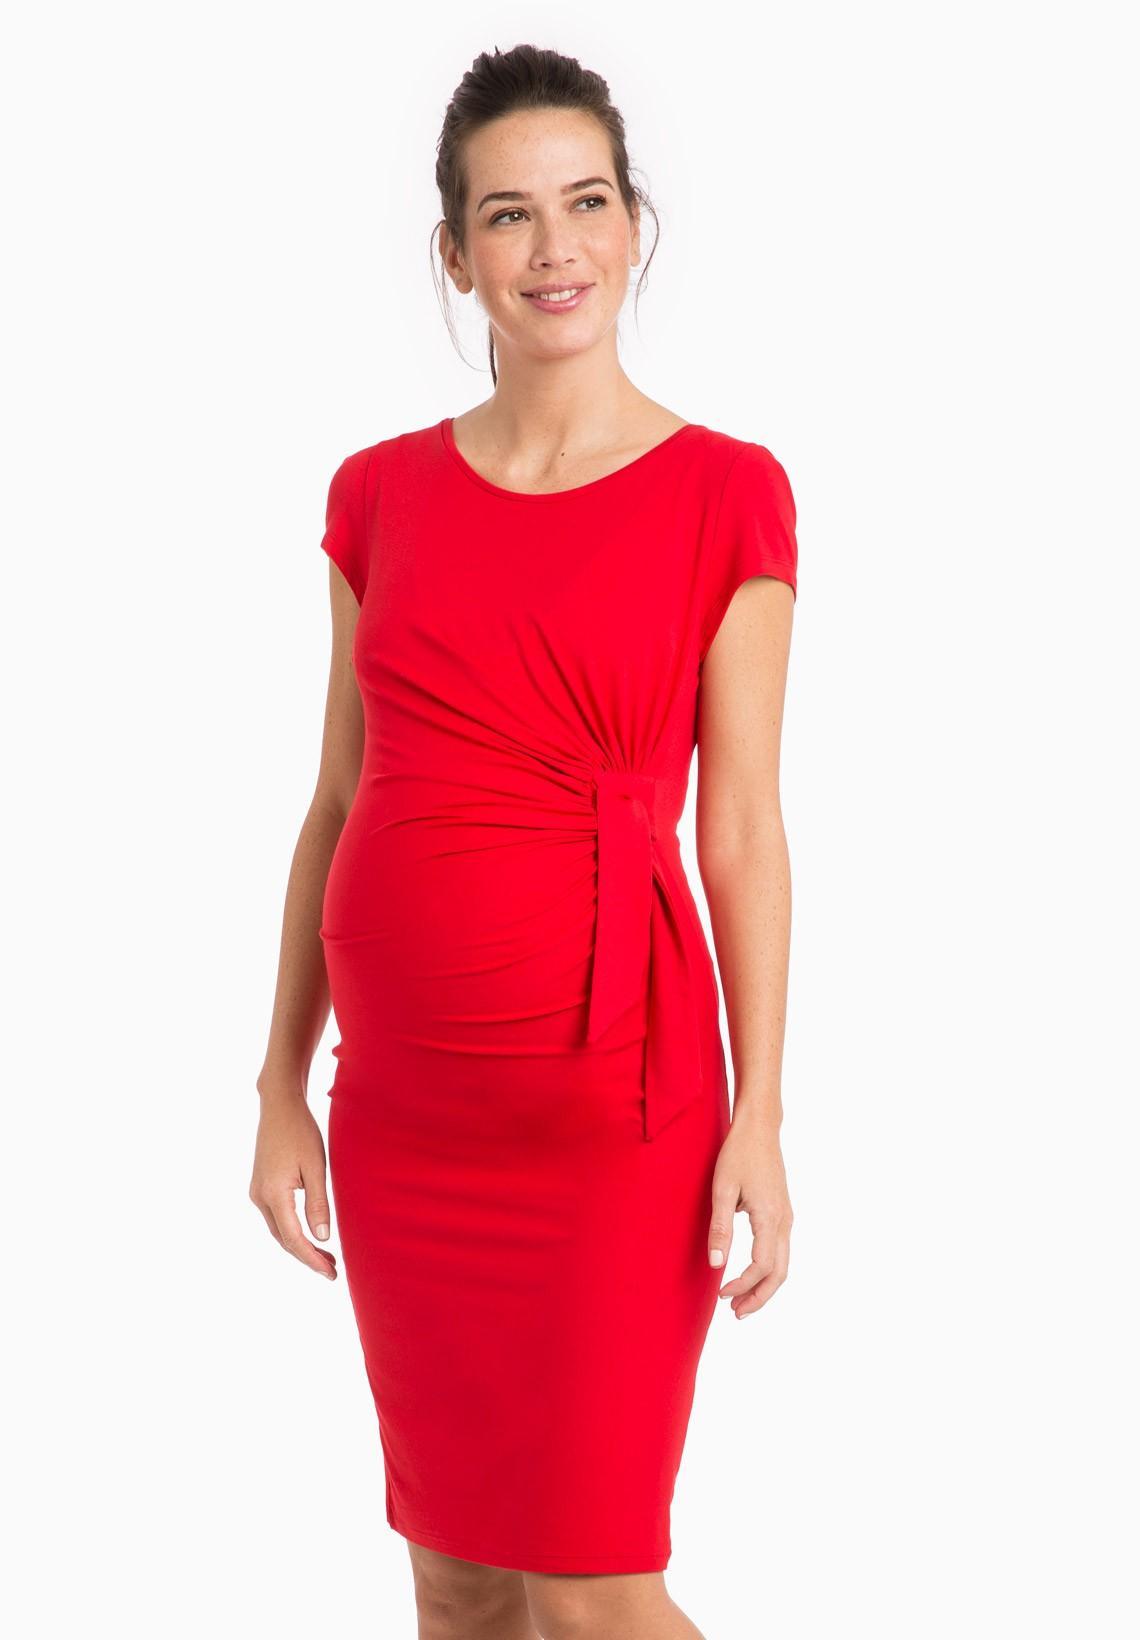 Robe rouge femme enceinte